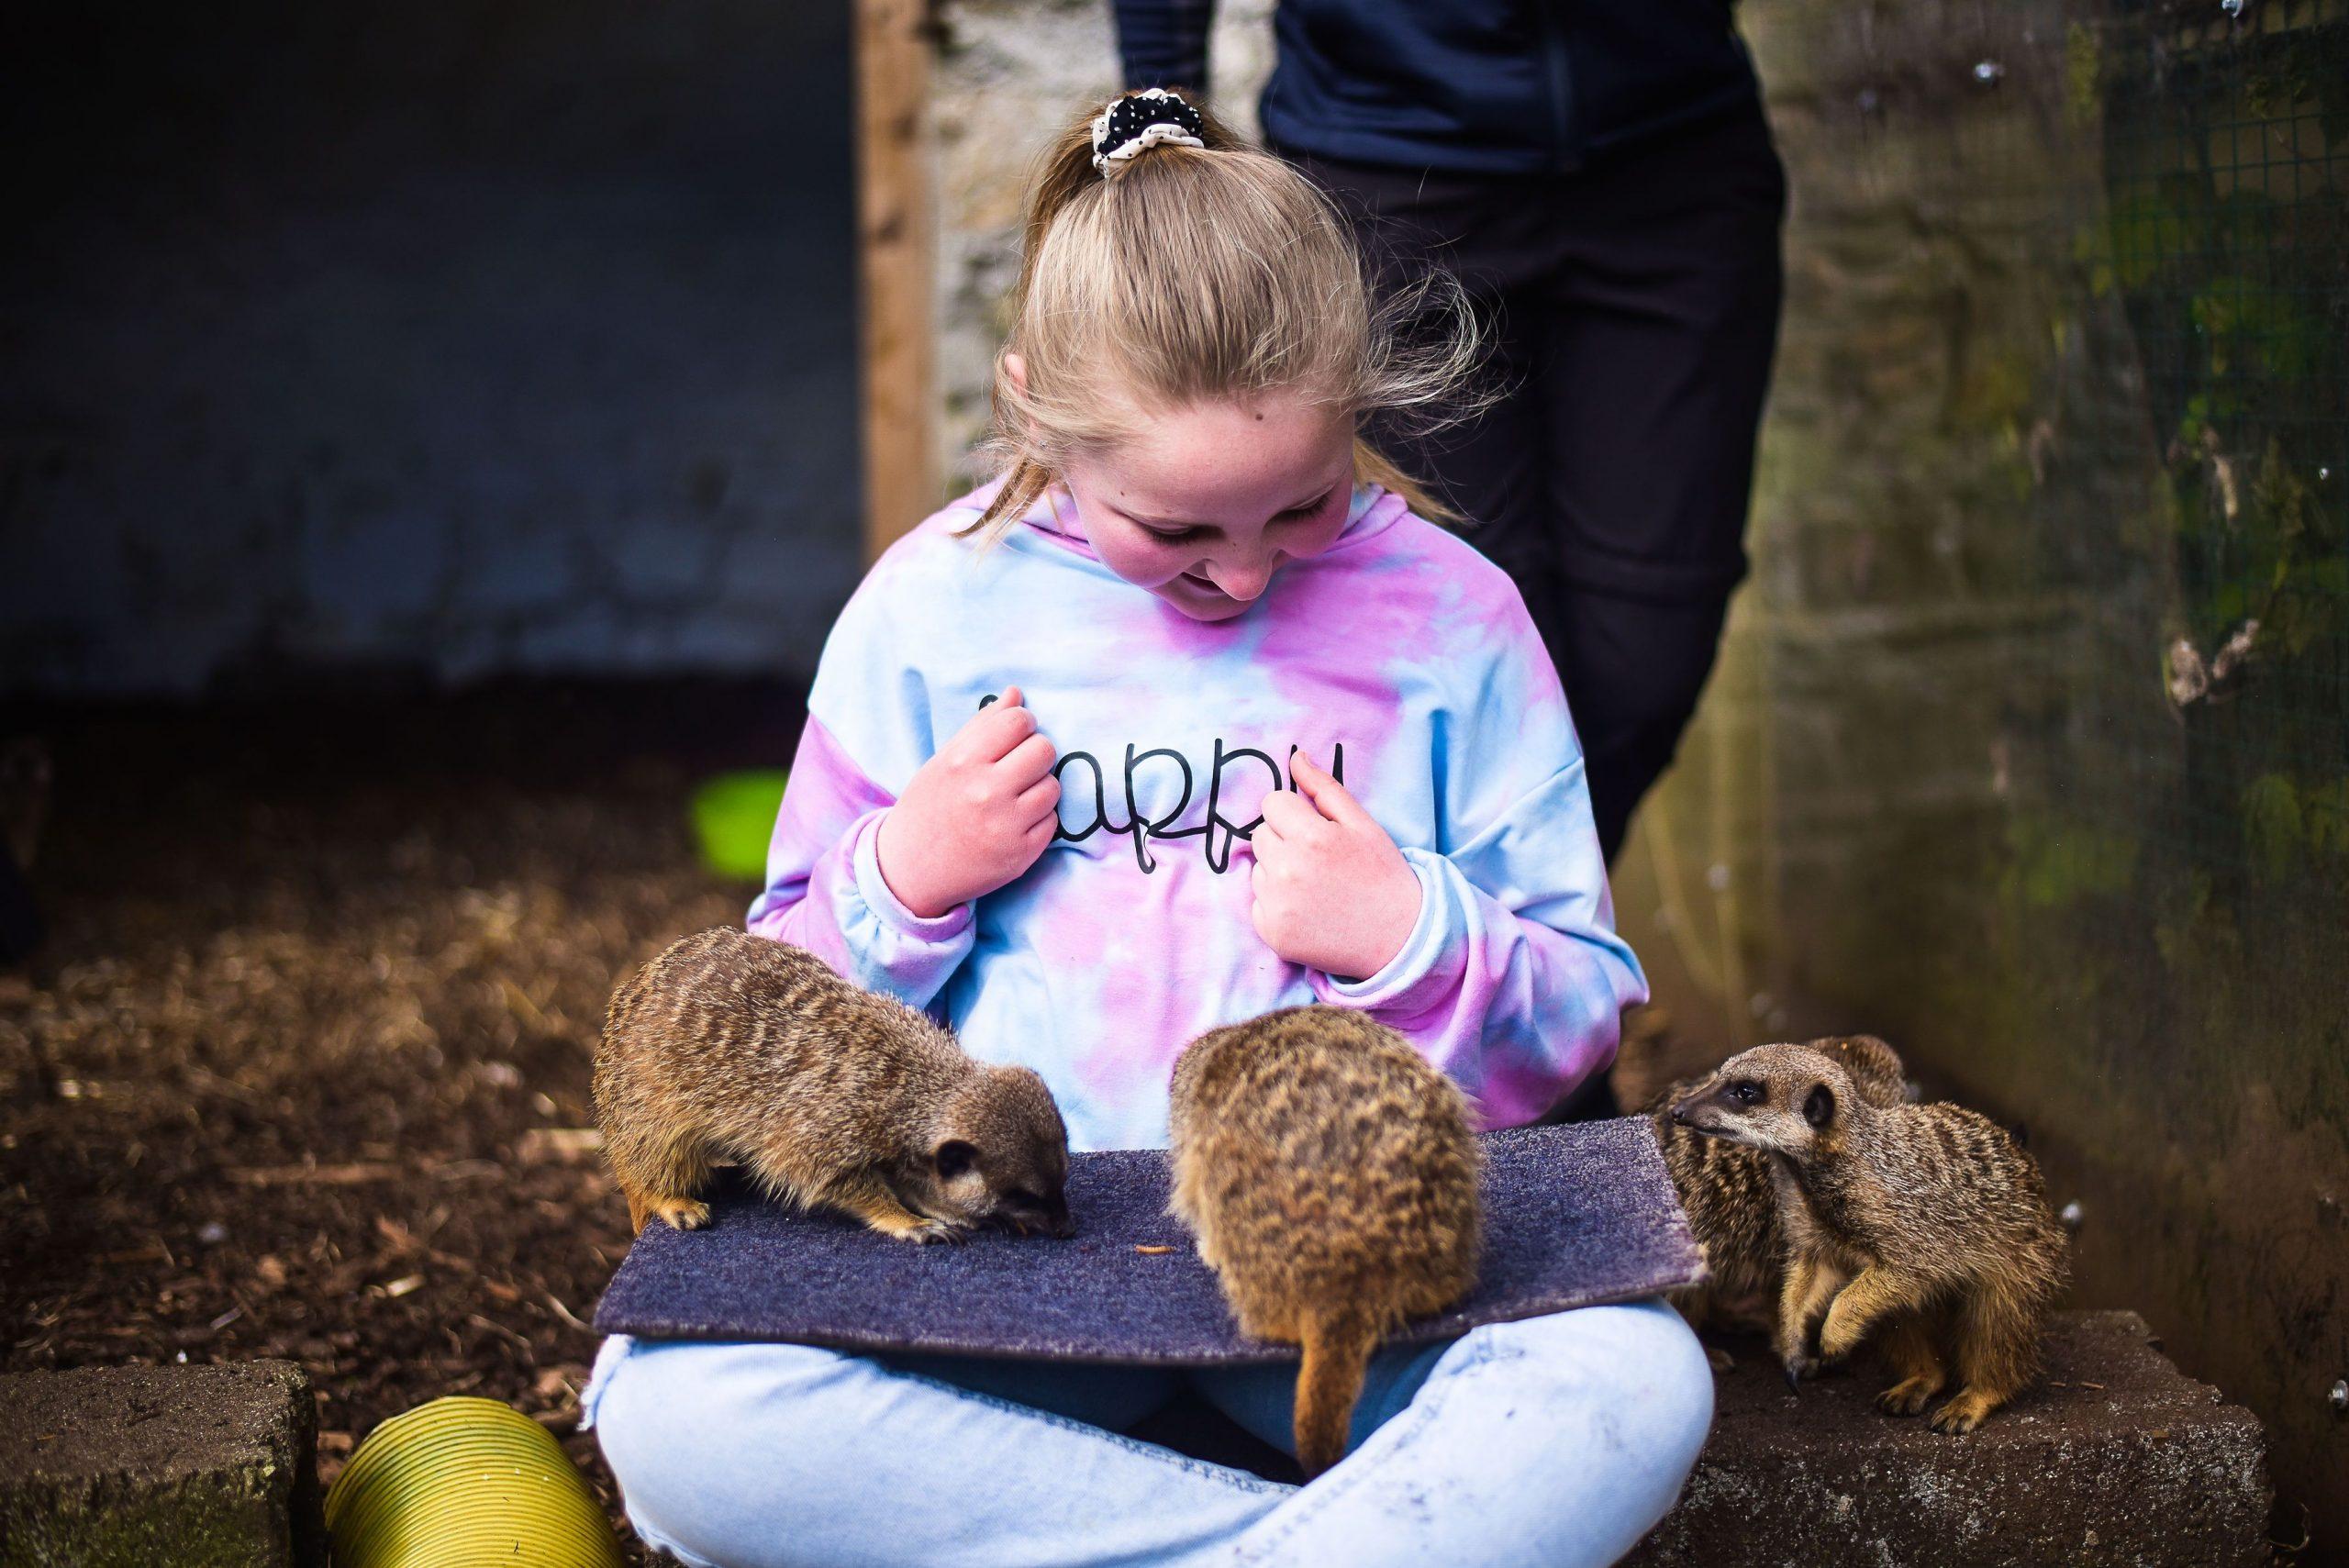 meerkat-experience-wells-house-and-gardens-gorey